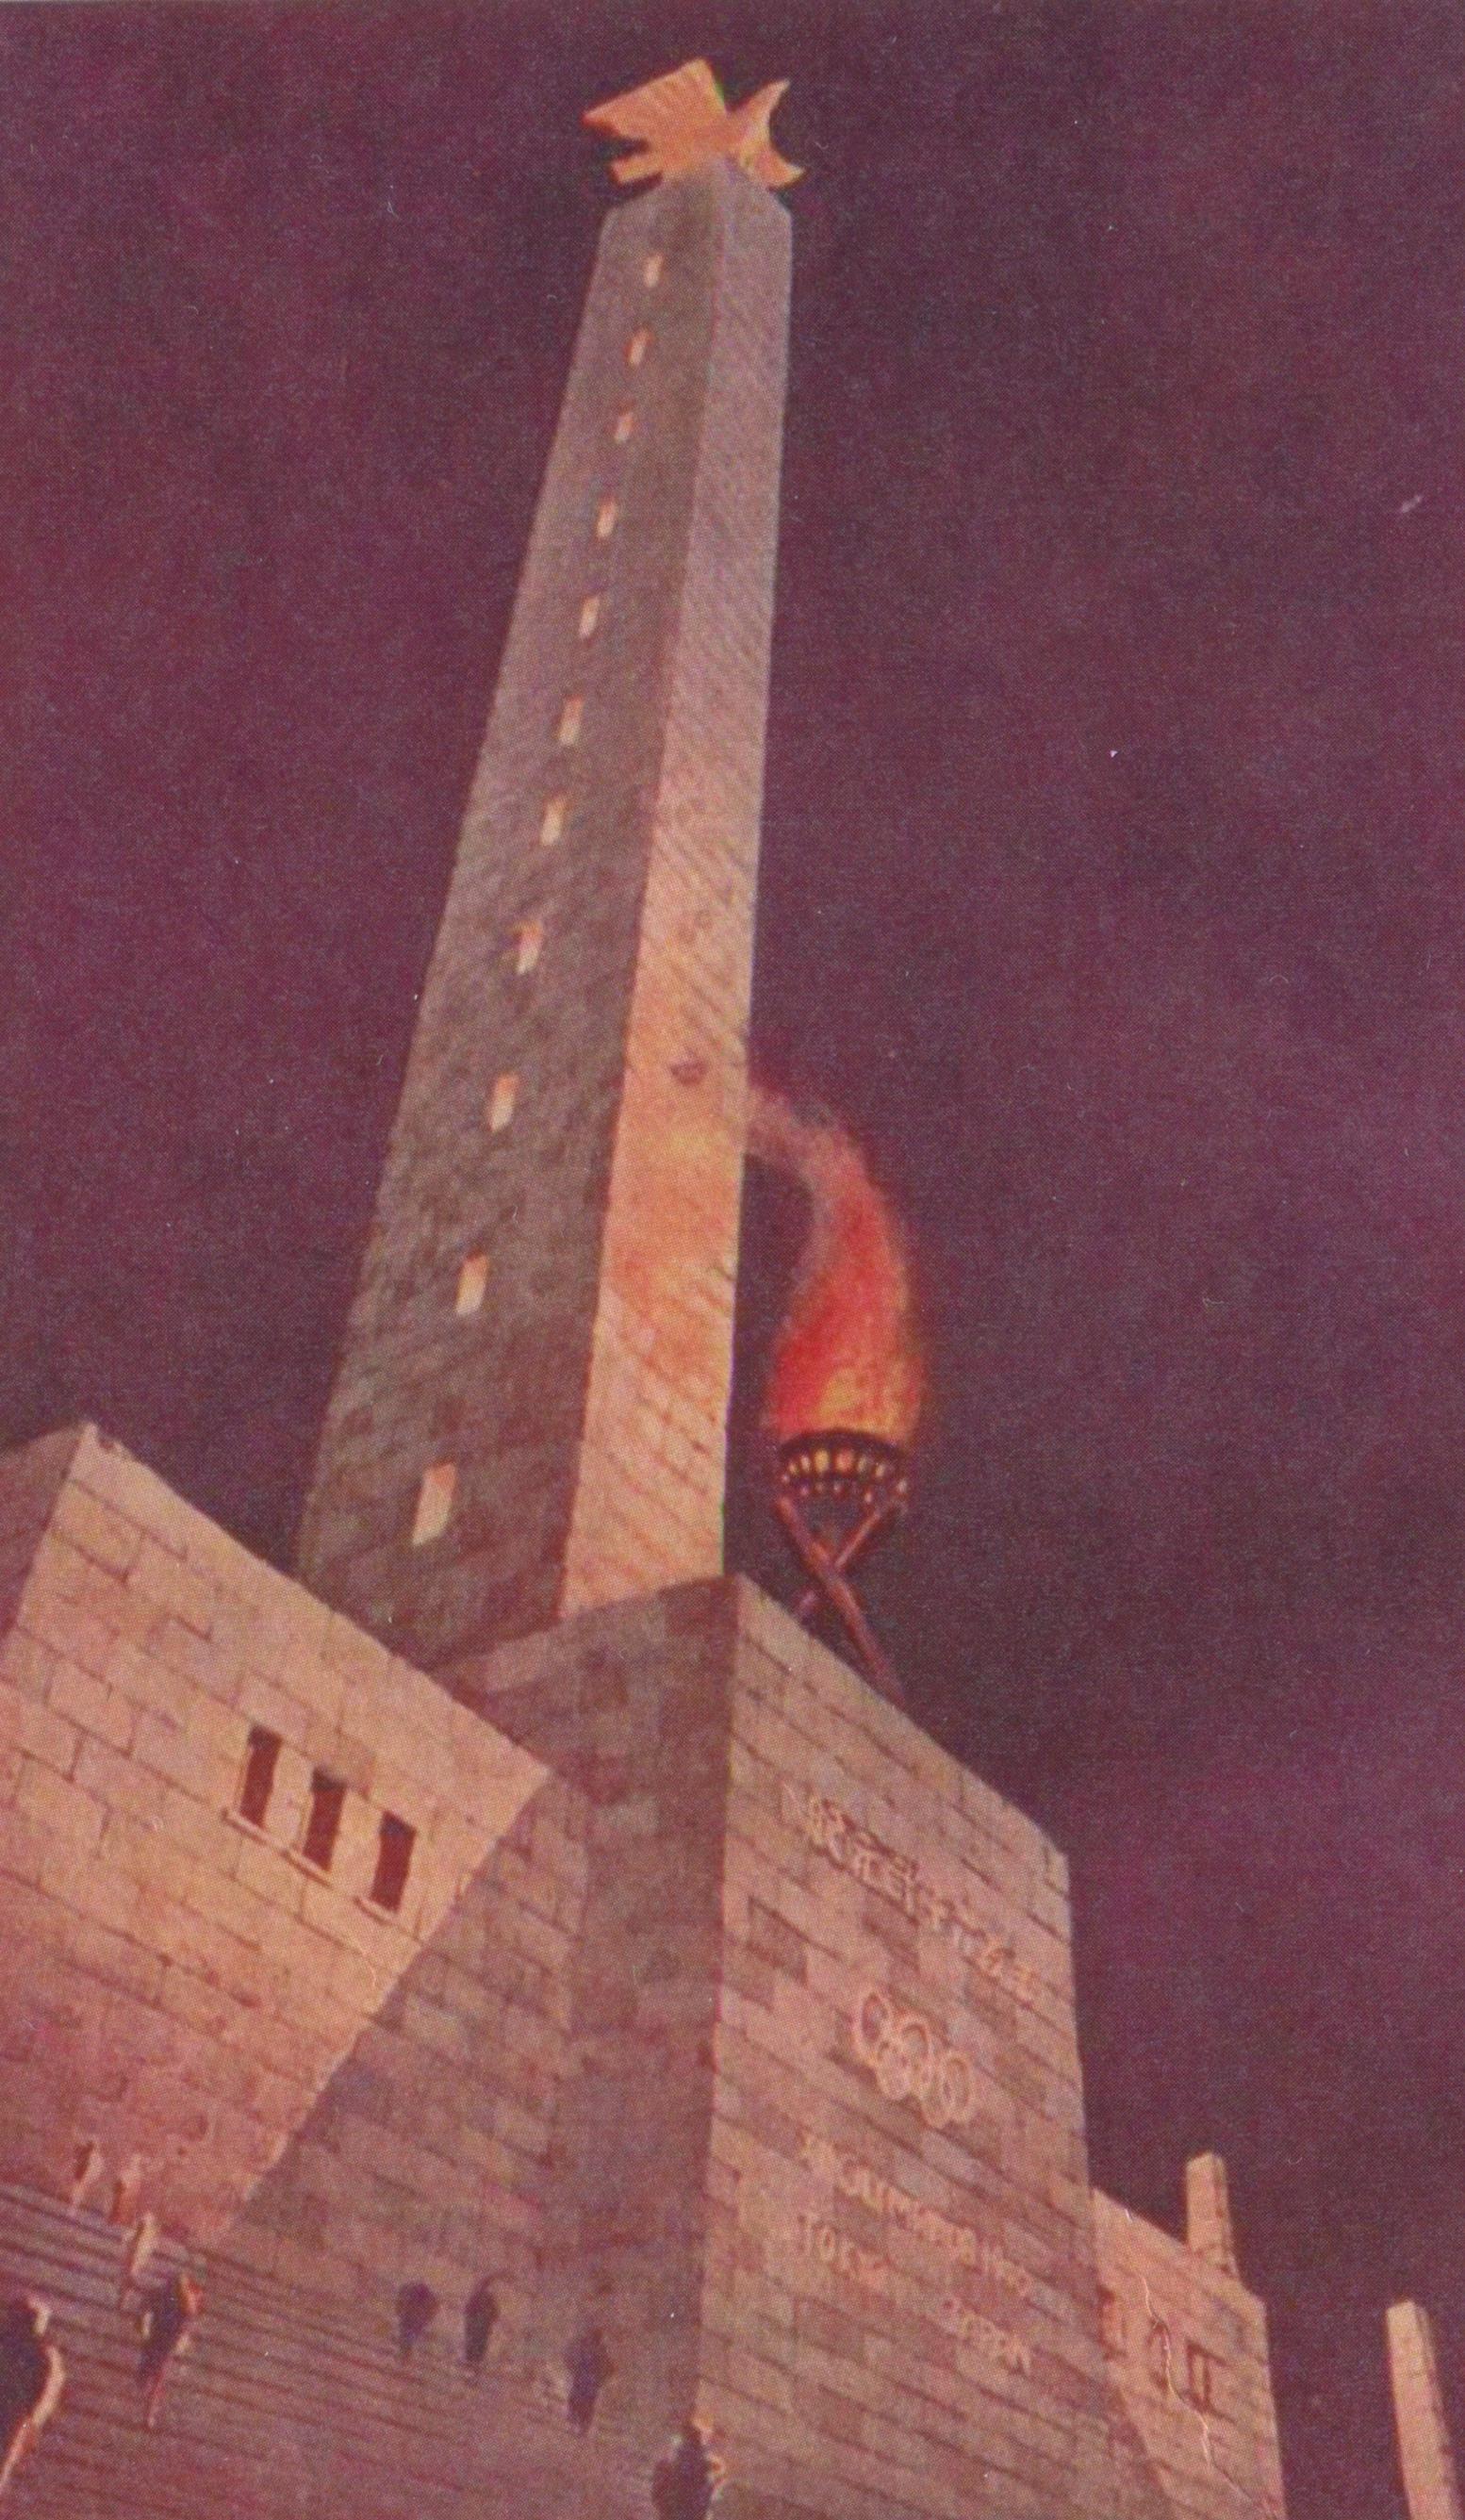 オリンピックは内紛の歴史である 1940年の「幻の東京オリンピック」の場合